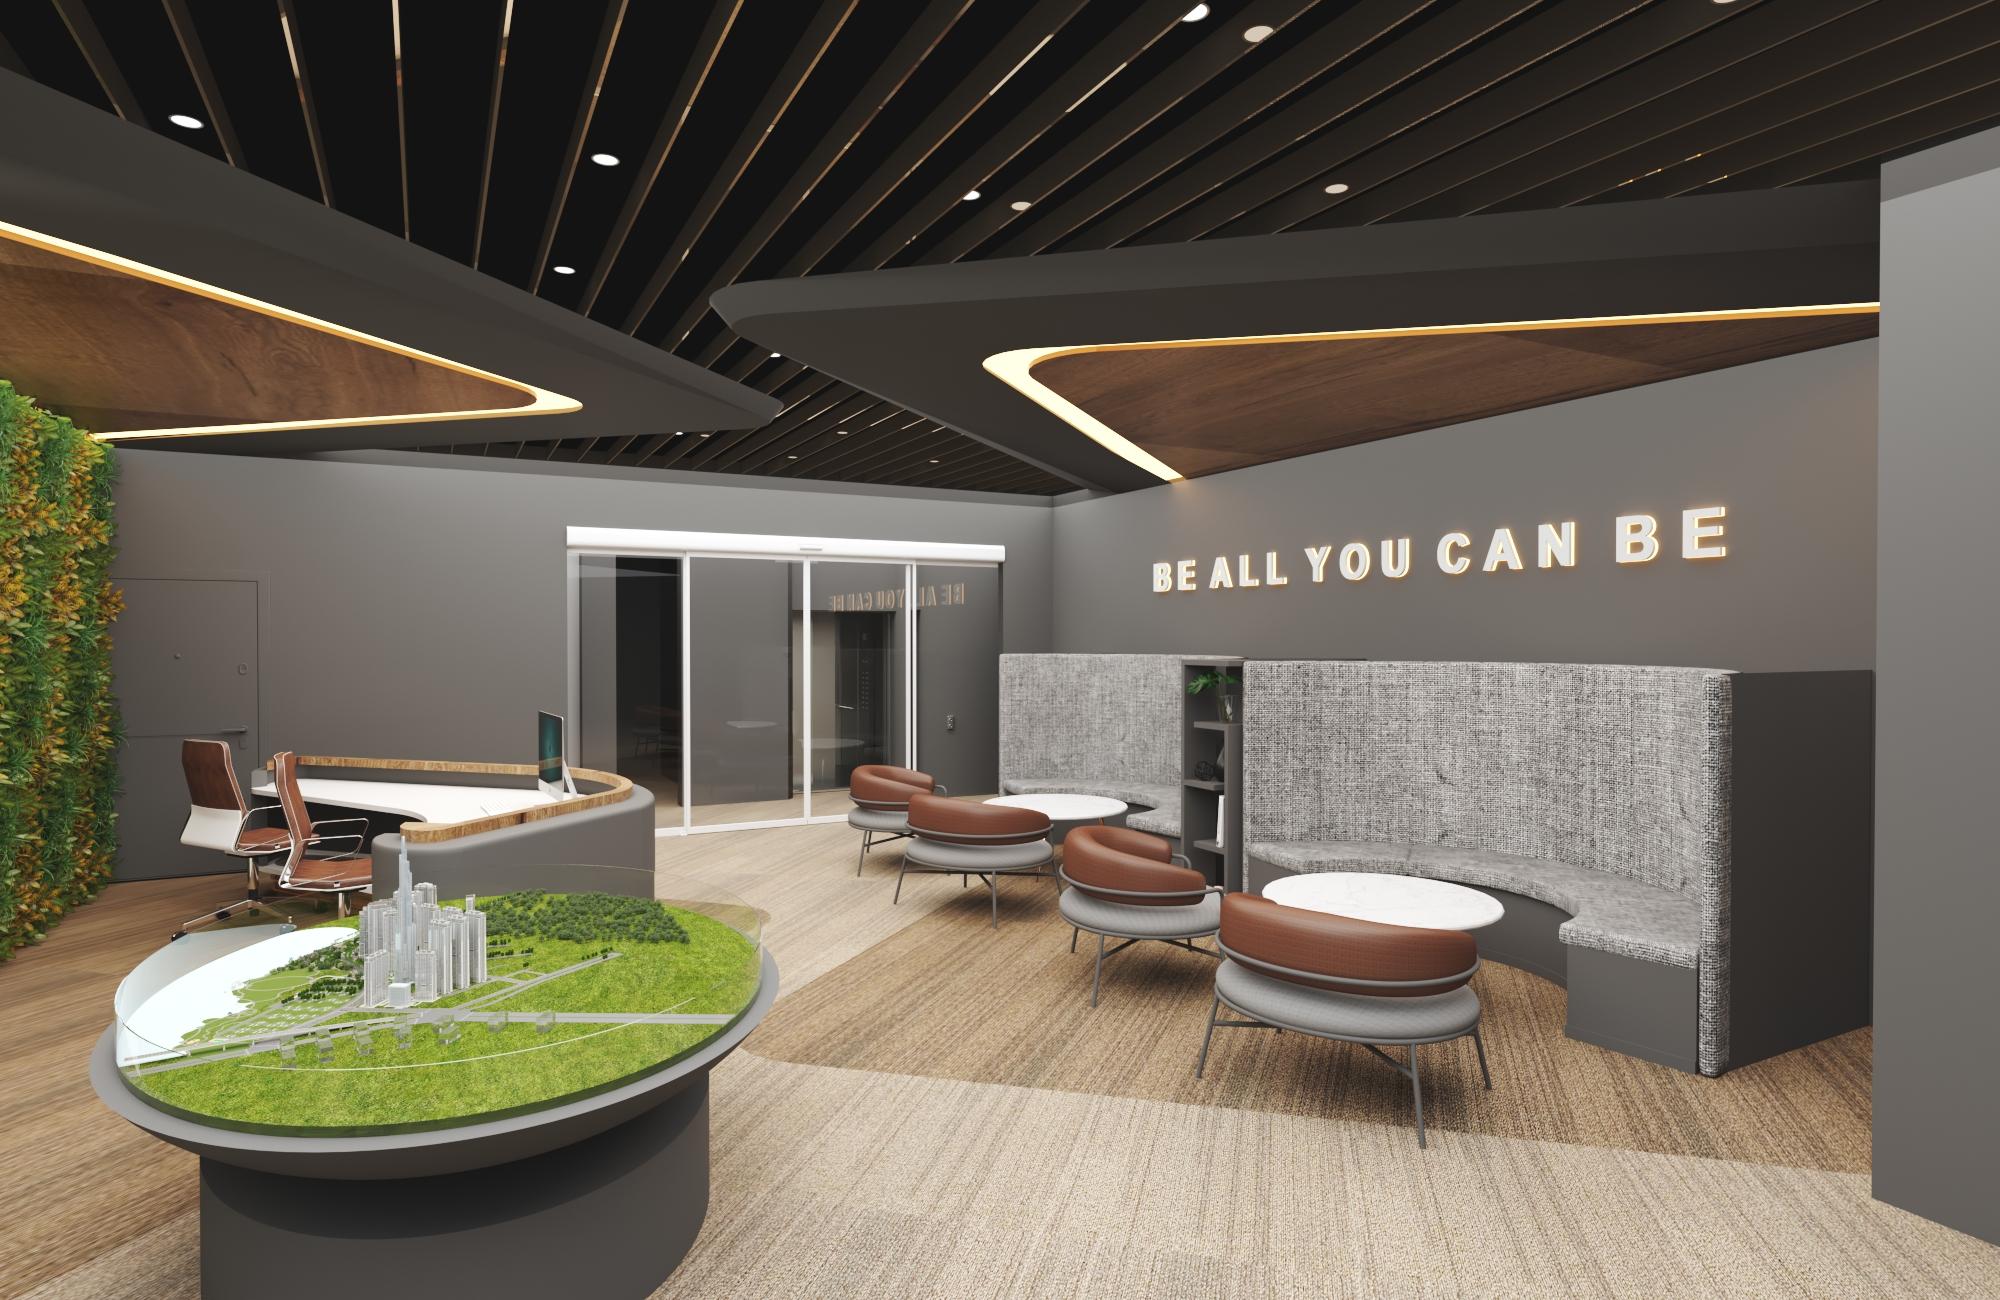 Thiết kế nội thất Văn Phòng tại Hồ Chí Minh VĂN PHÒNG CÔNG TY KIẾN TRÚC VÀ NỘI THẤT NHÀ XINH 1594800457 9